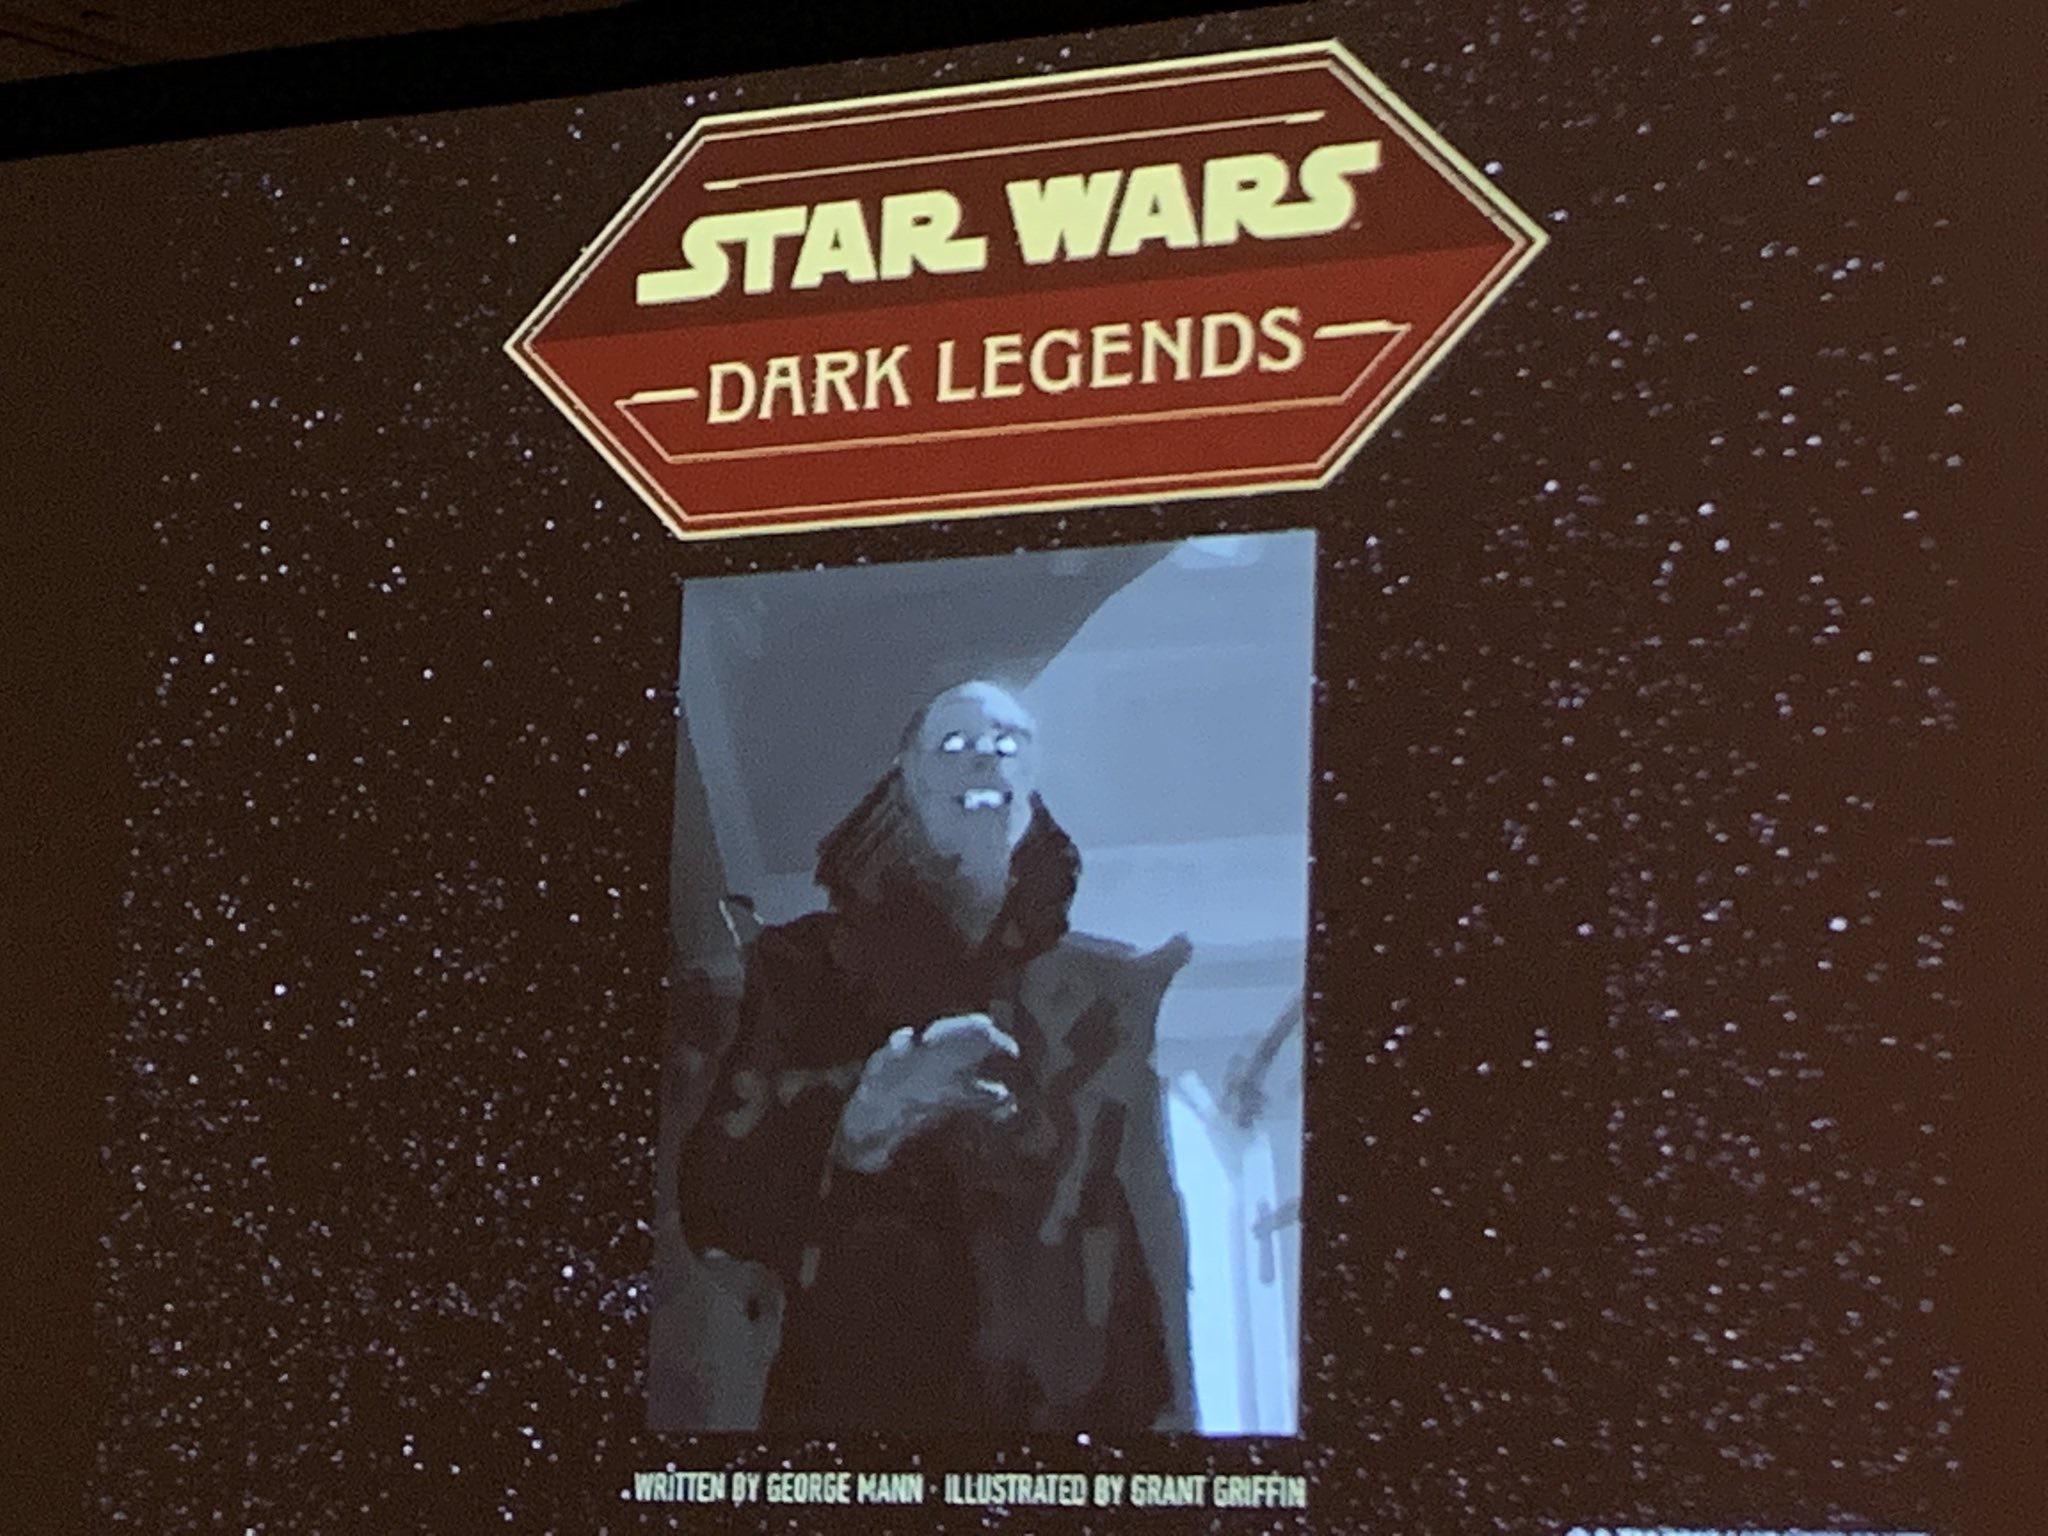 Star Wars Dark Legends Announcement